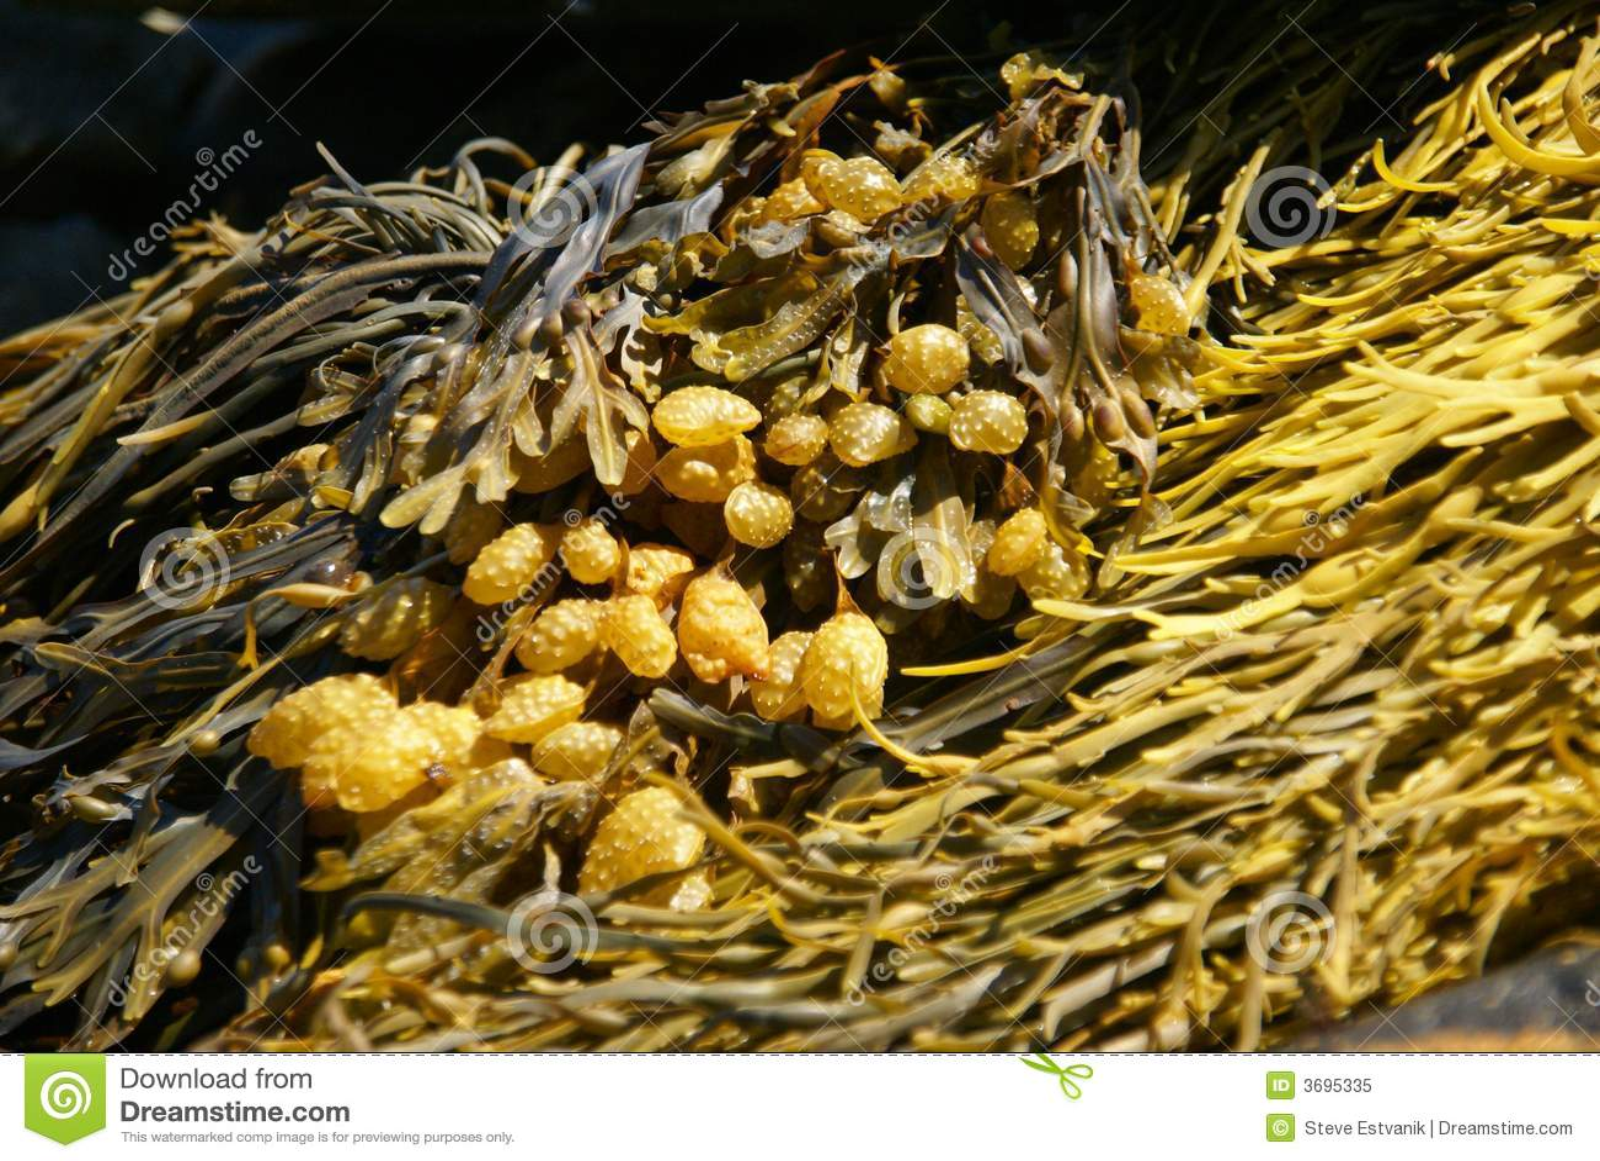 Quelpo amarillo y marrón del extracto -